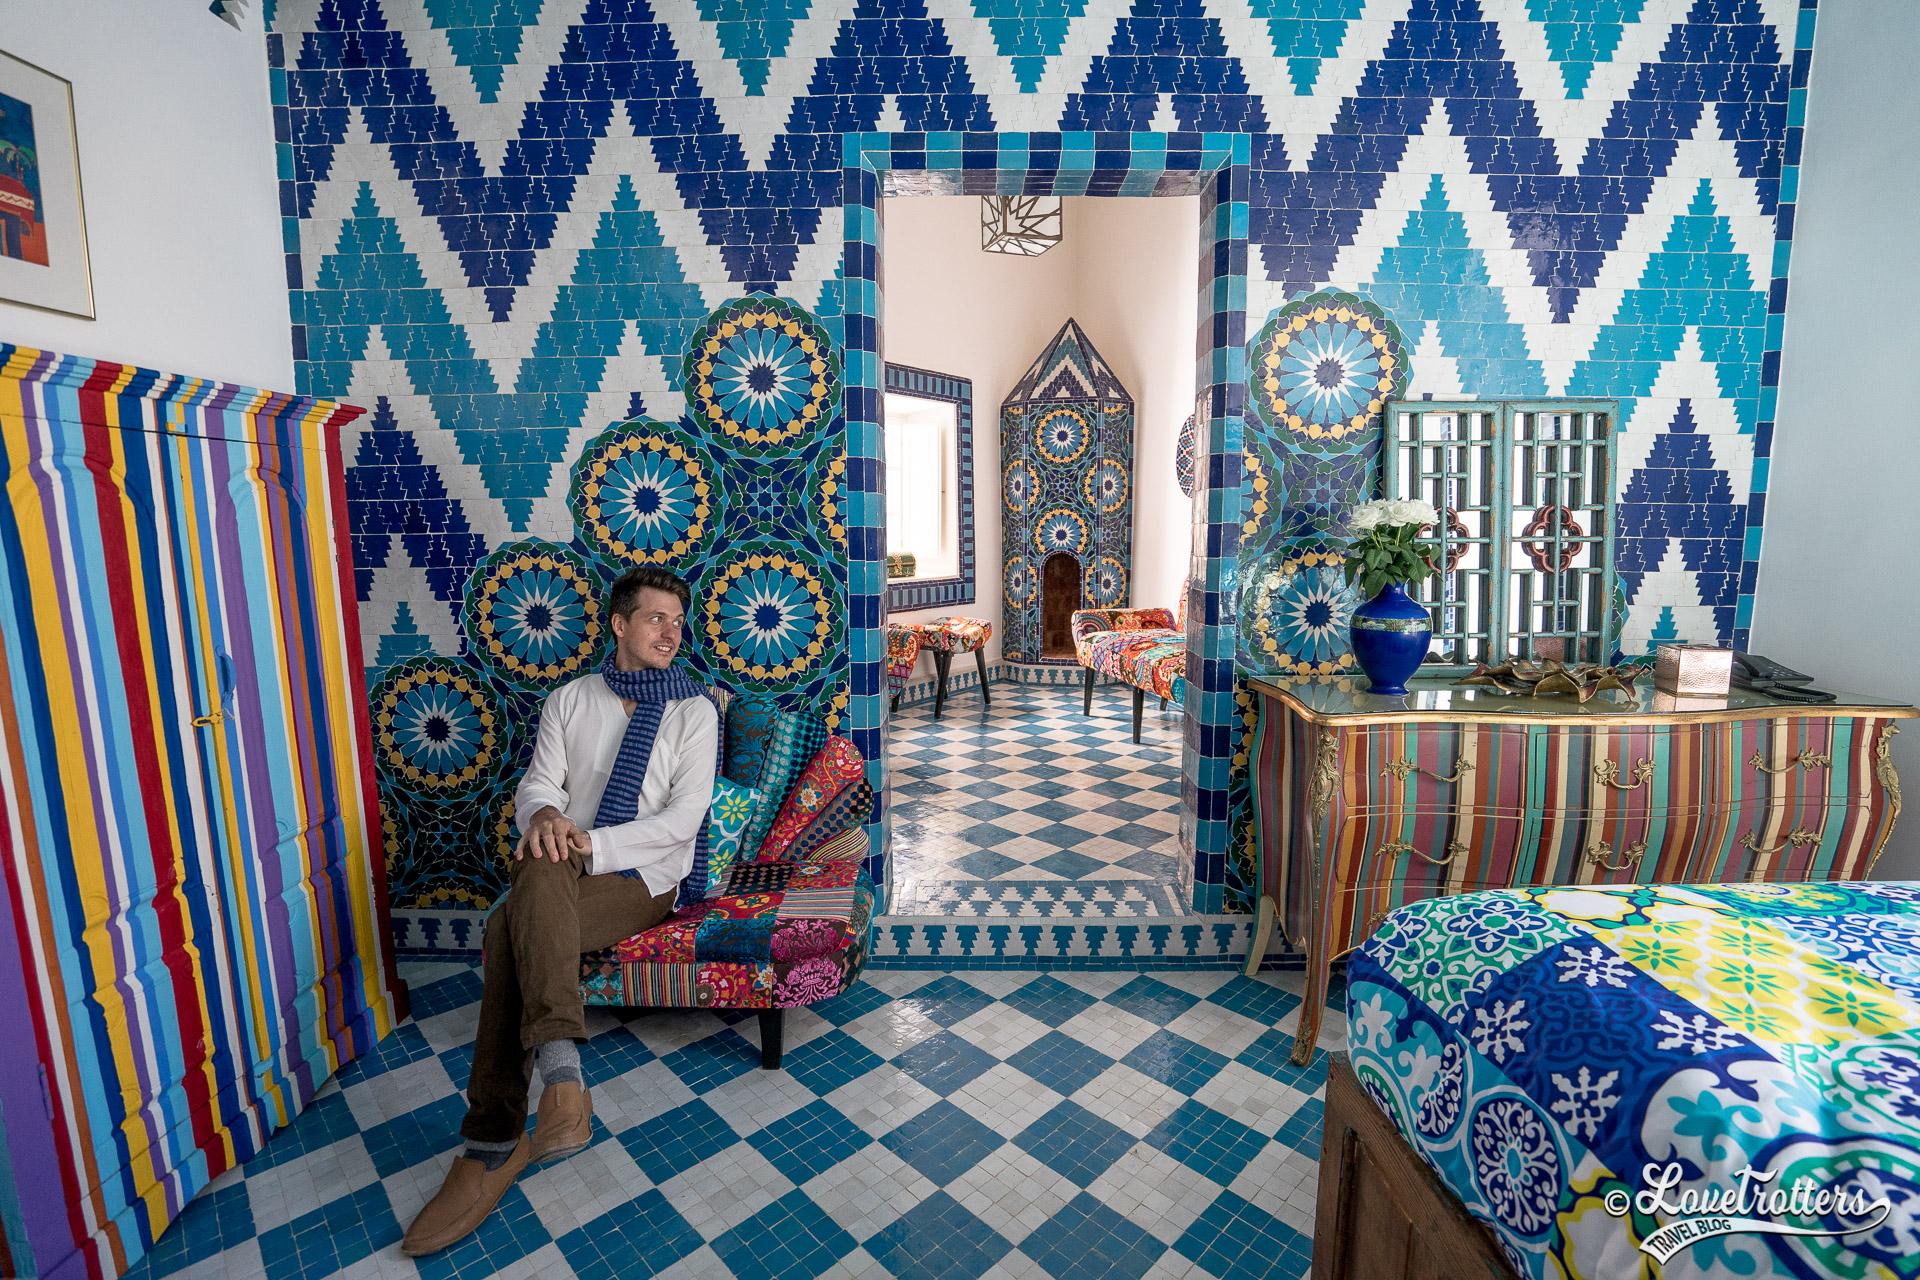 Lovetrotters-maroc-essaouira-riad-salut-maroc-06873